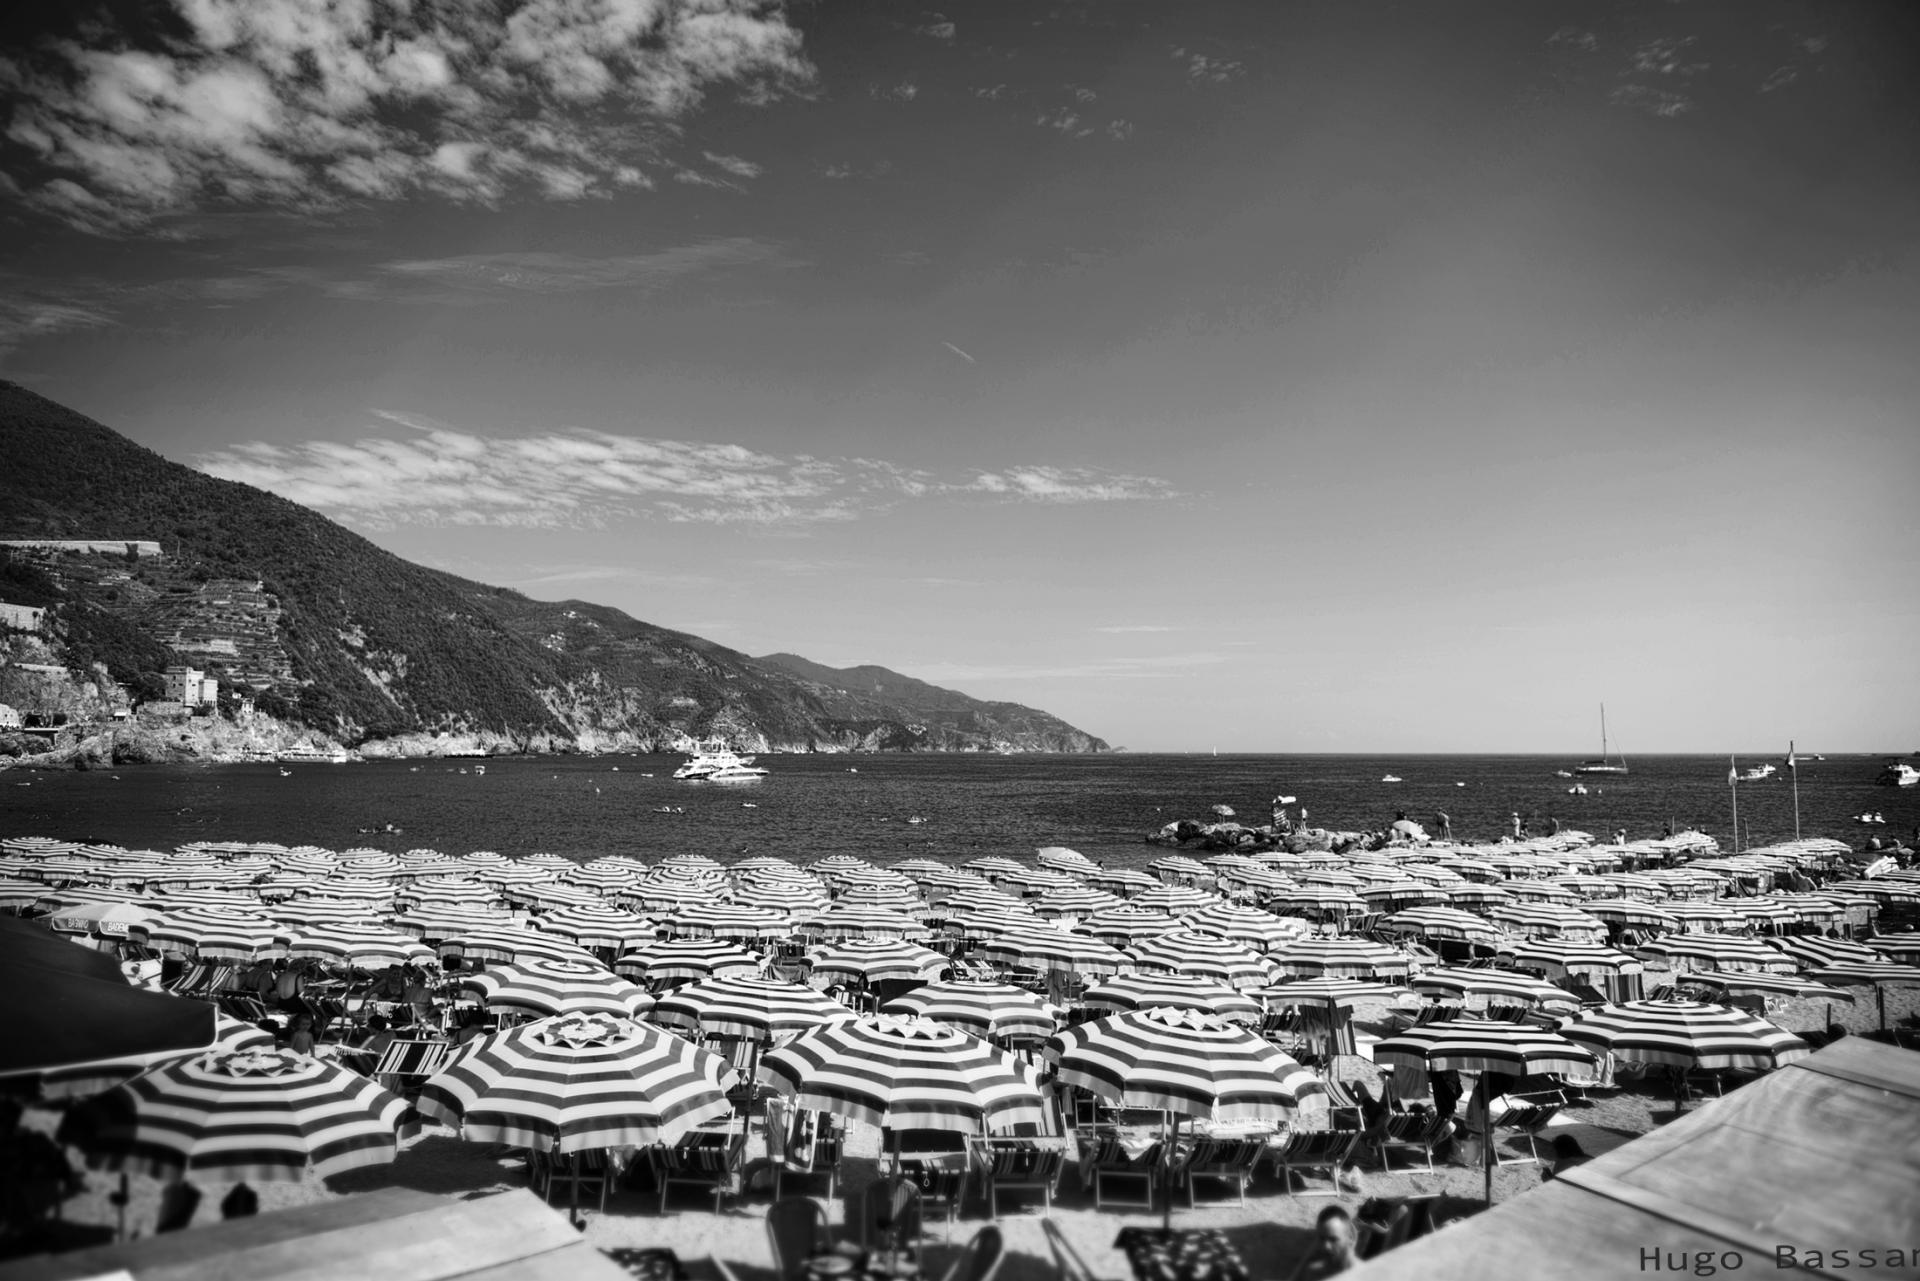 Plage Monterosso al mare - Italia